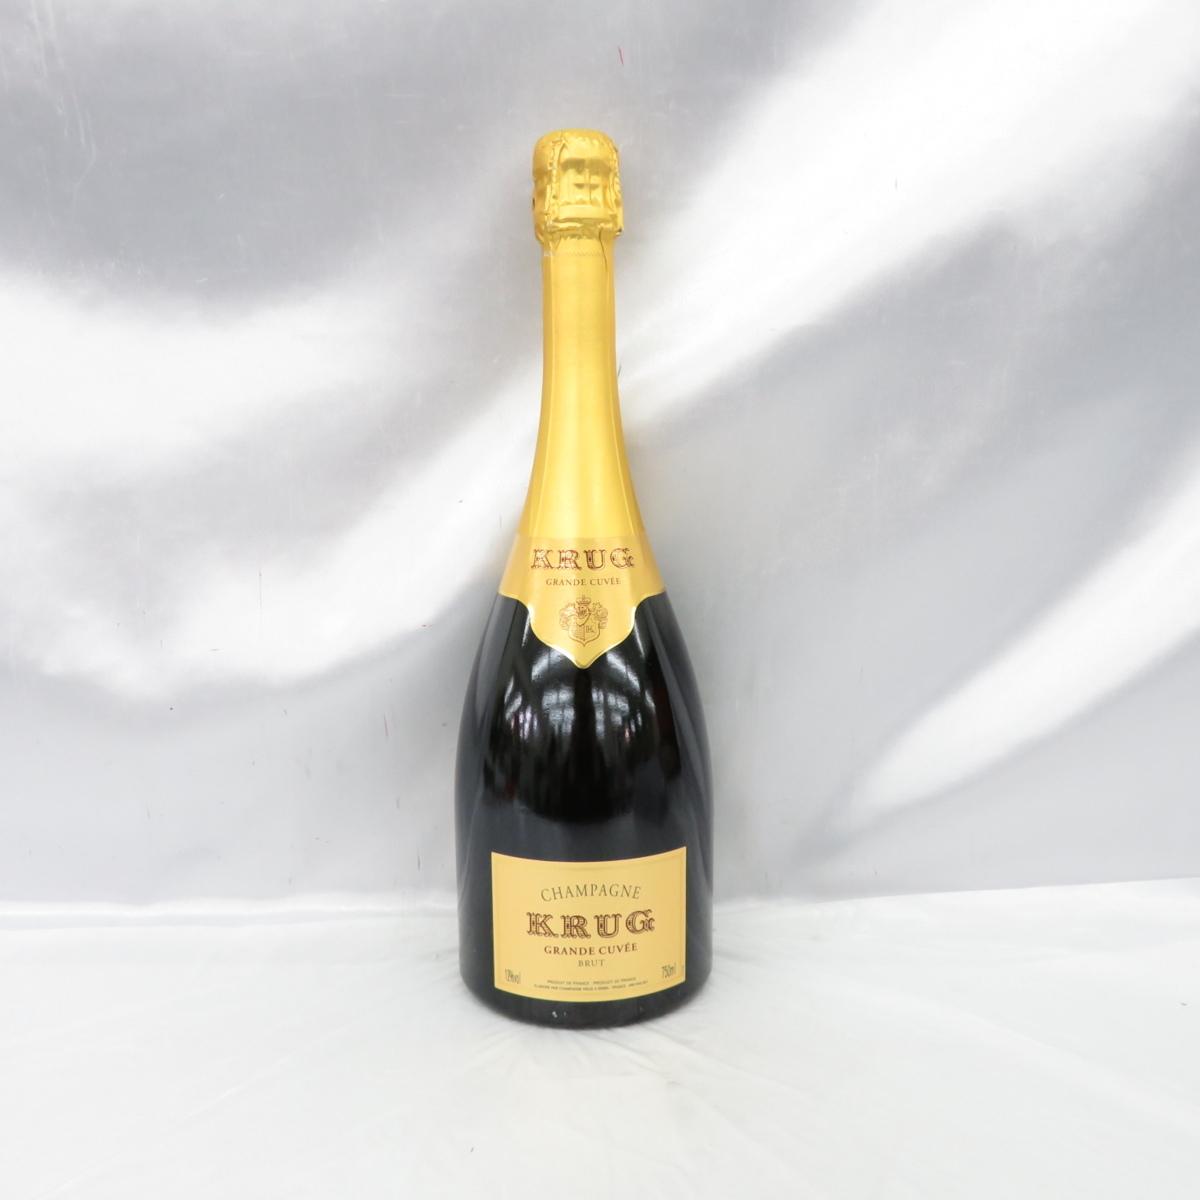 【未開栓】KRUG GRANDE CUVEE BRUT クリュッグ グランキュヴェ ブリュット シャンパン 750ml 12.5% 10752865